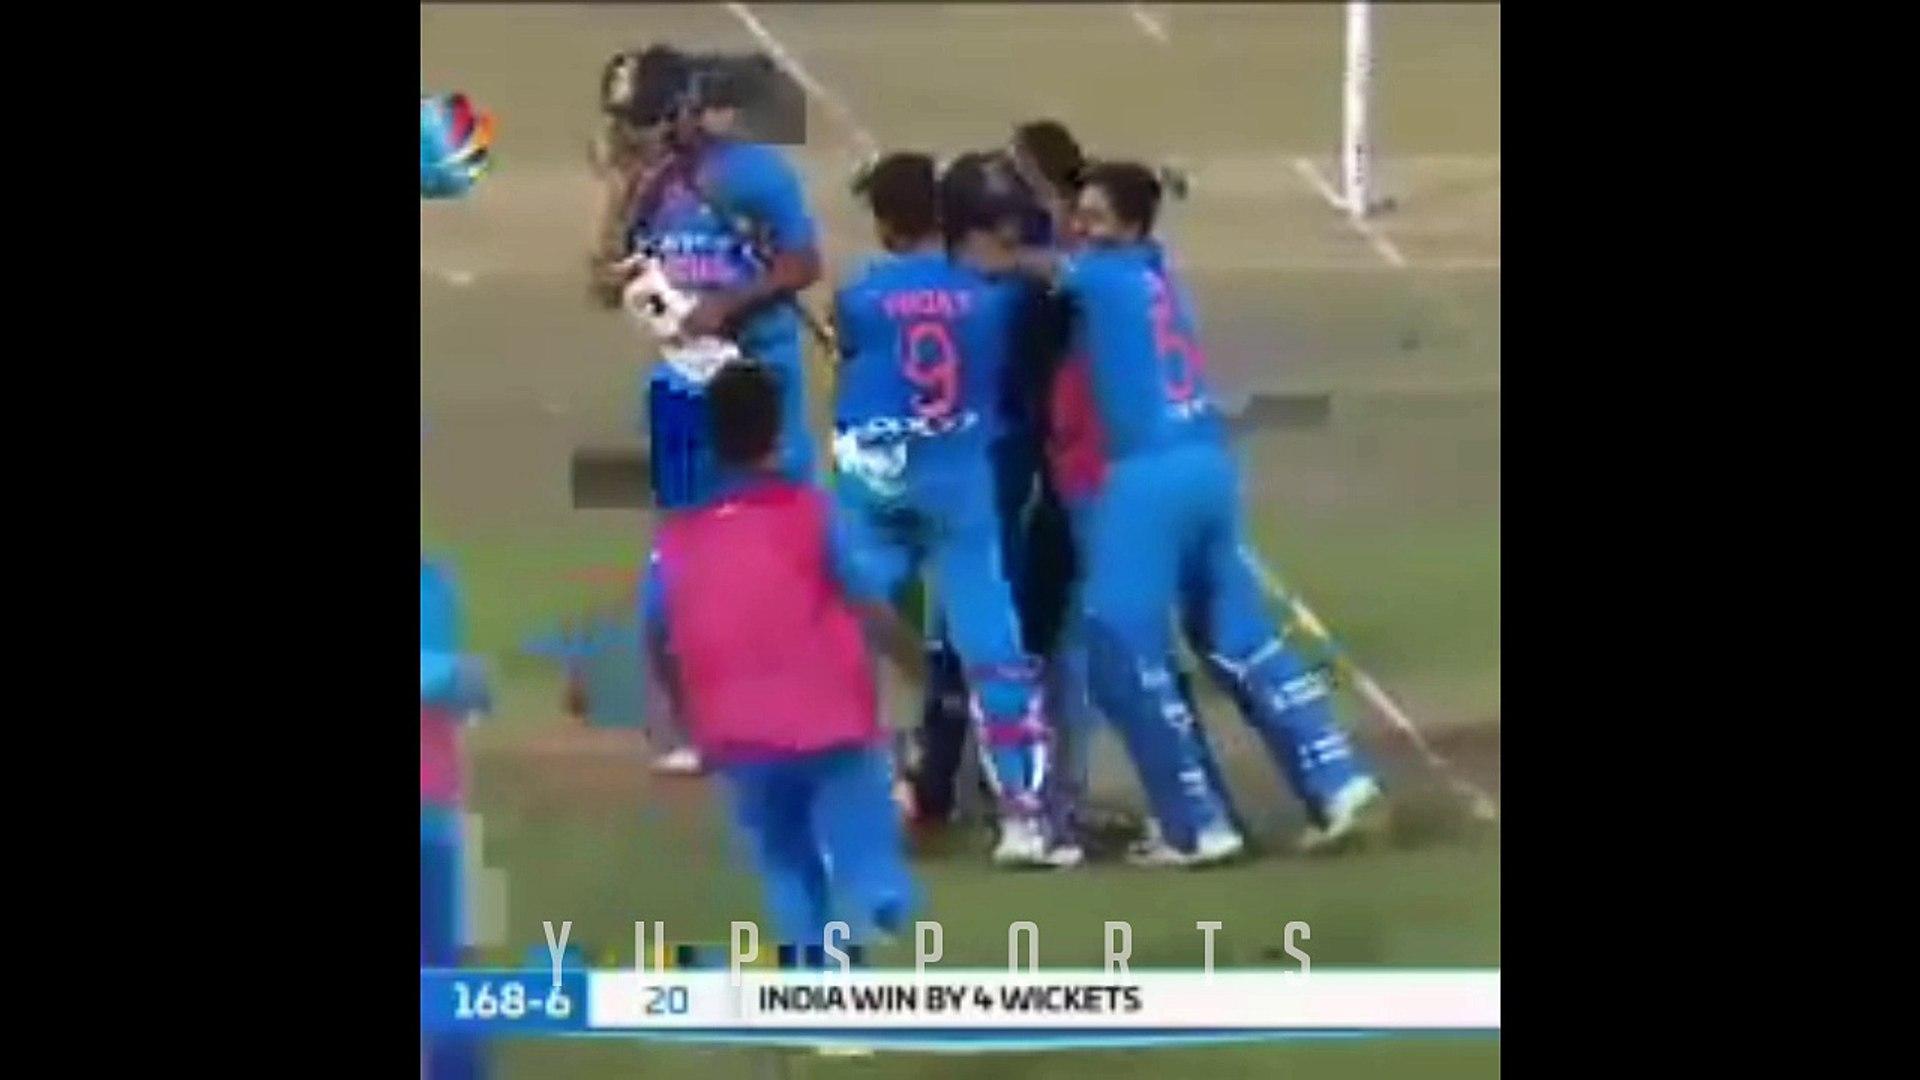 Cricket Beat Drops - Cricket Beat Drop Vines